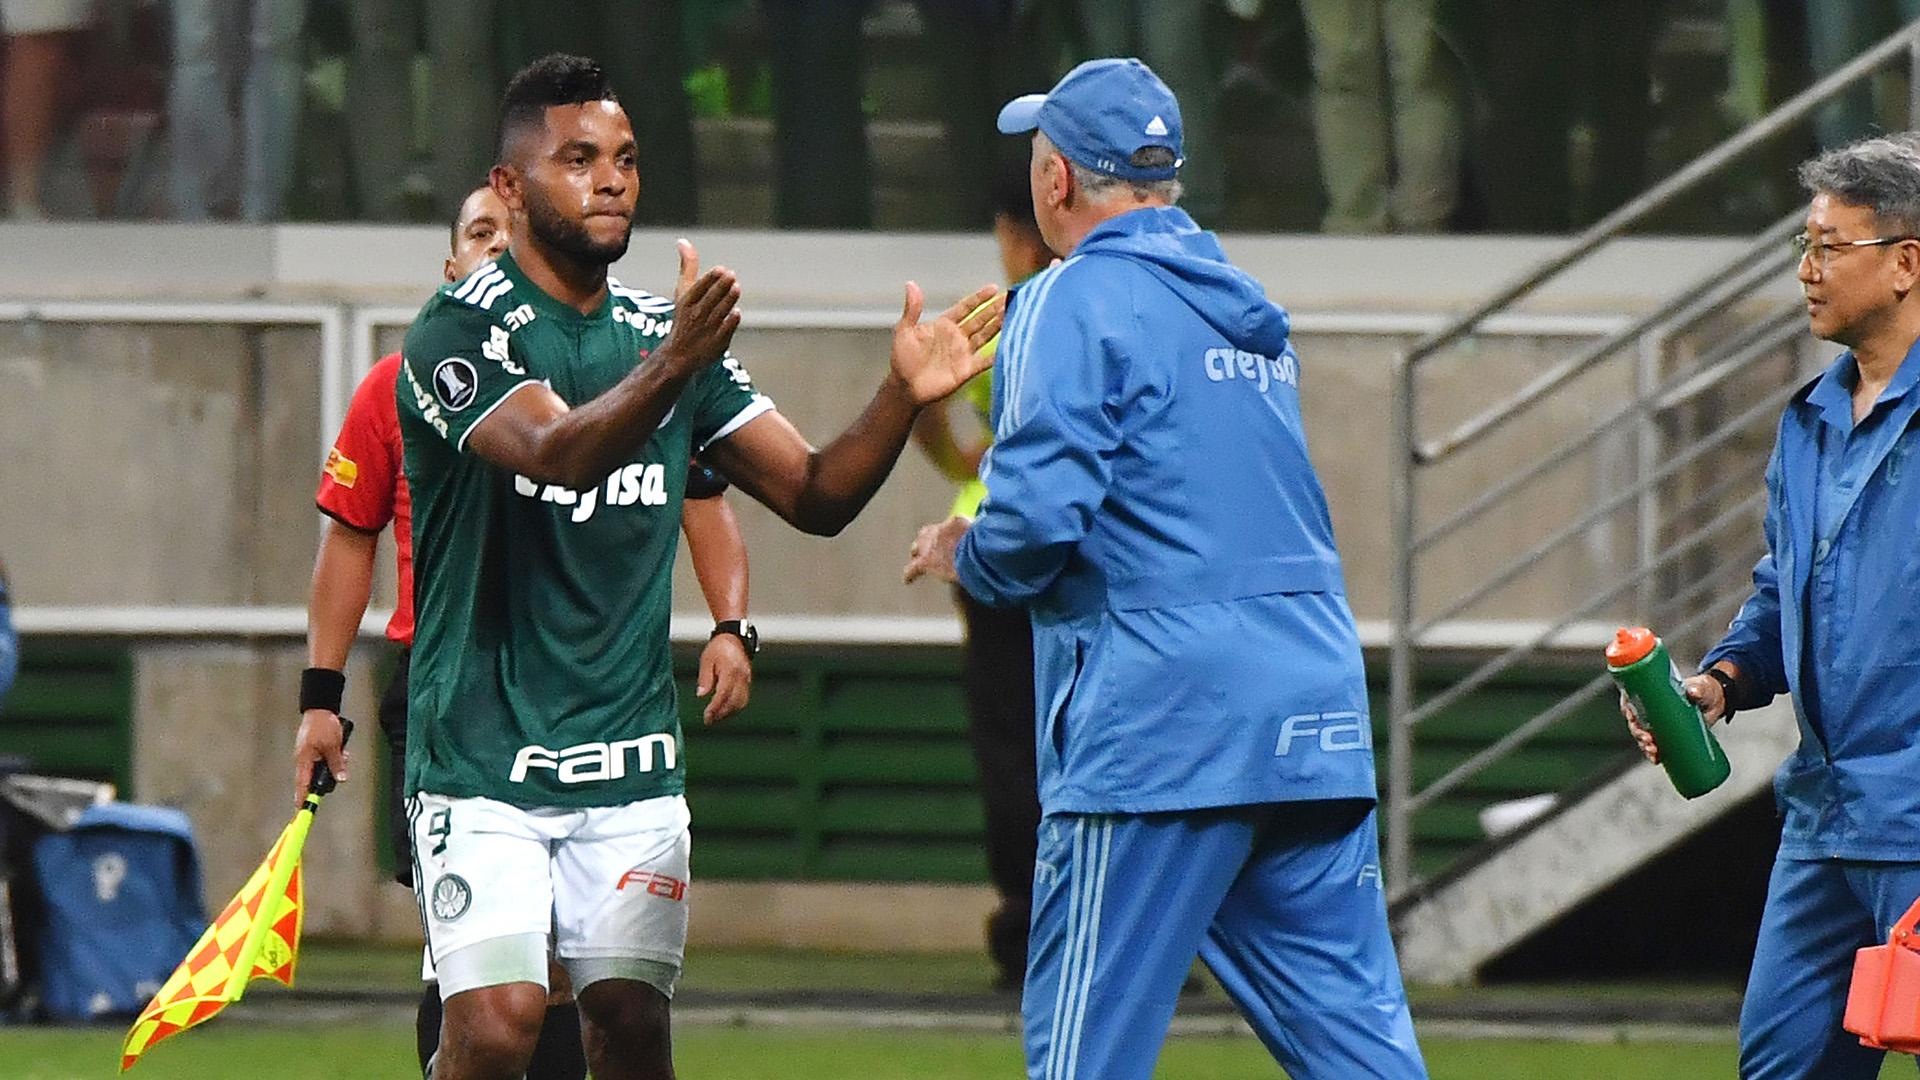 Borja Luiz Scolari Palmeiras Colo Colo Copa Libertadores 03102018